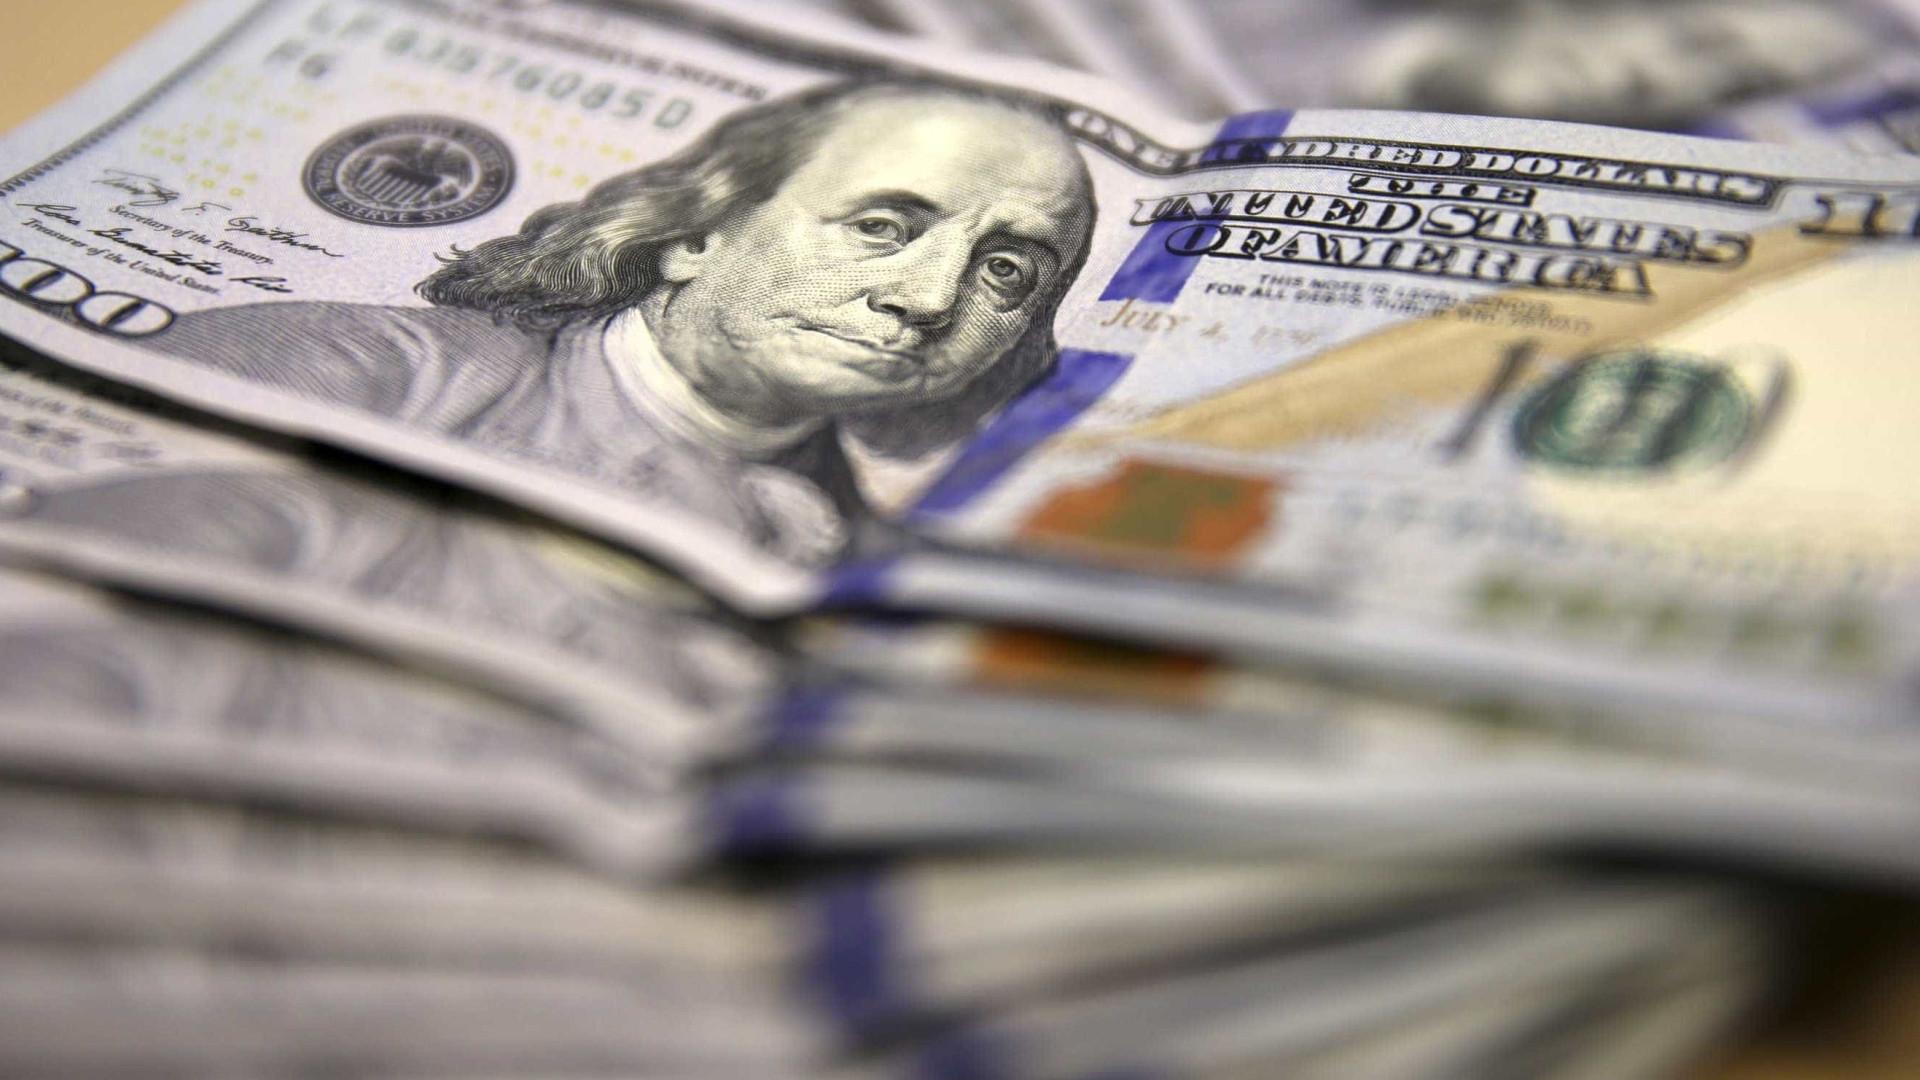 Despesas de consumo nos EUA crescem 0,1% em junho